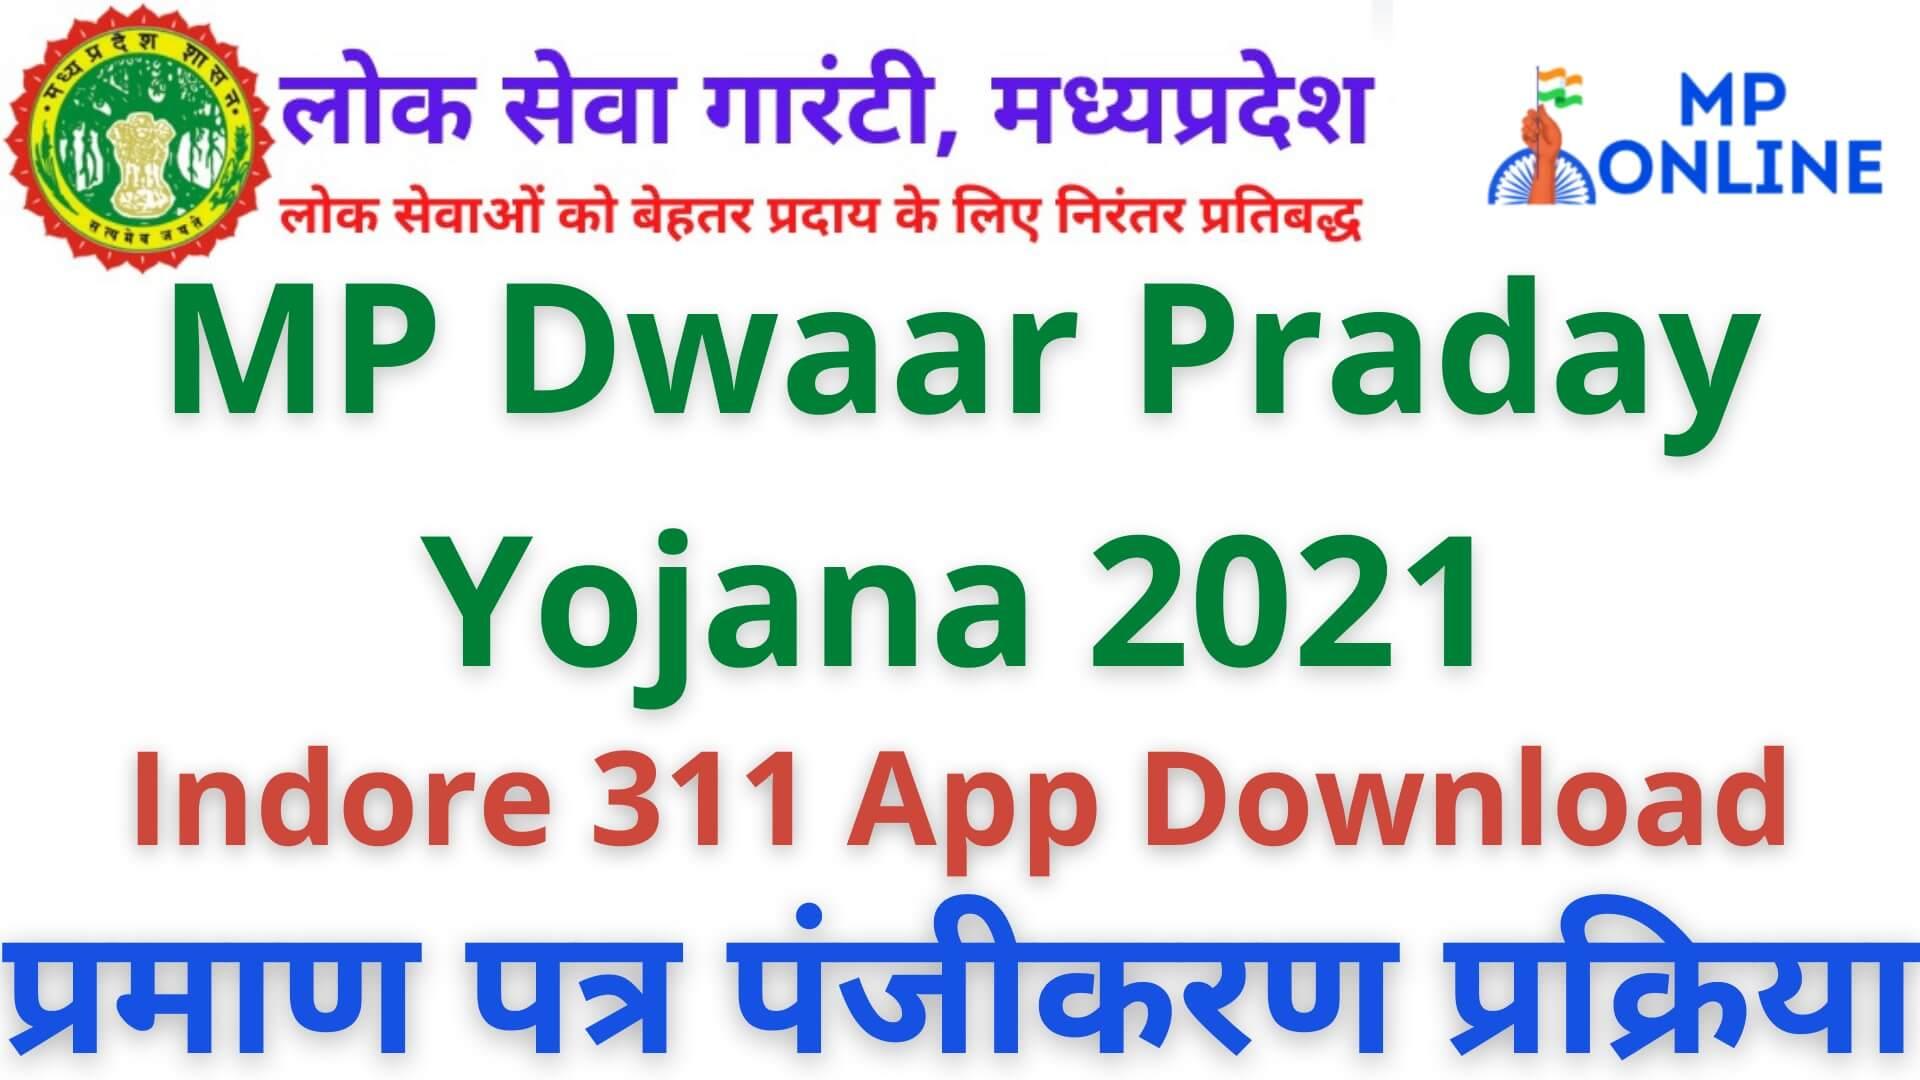 MP Dwaar Praday Yojana 2021